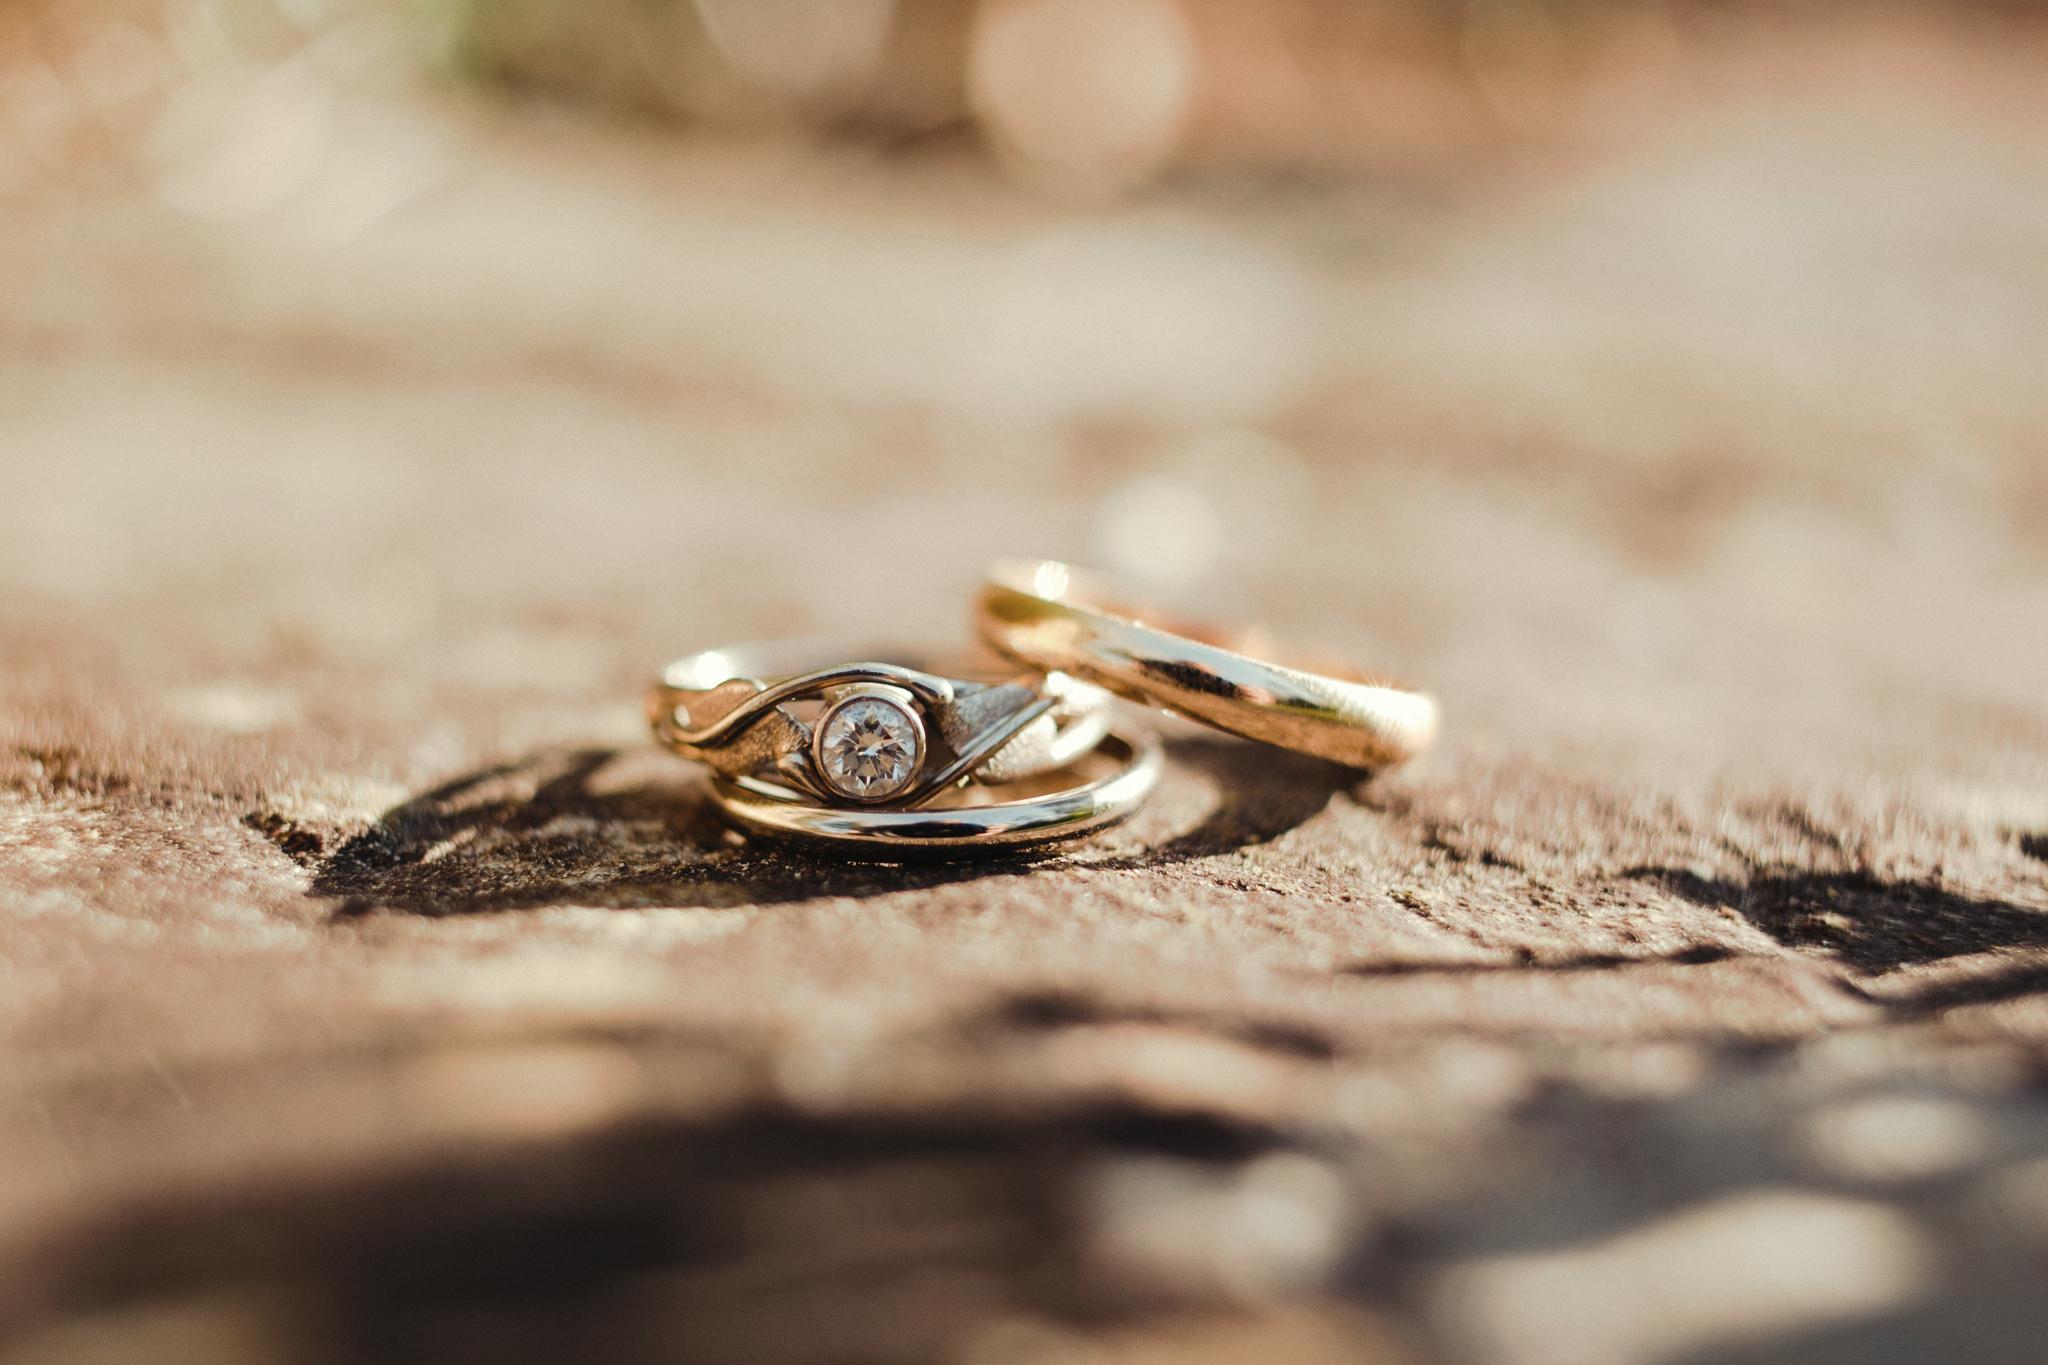 macon-luke-kanuga-wedding-web-resize-459.jpg